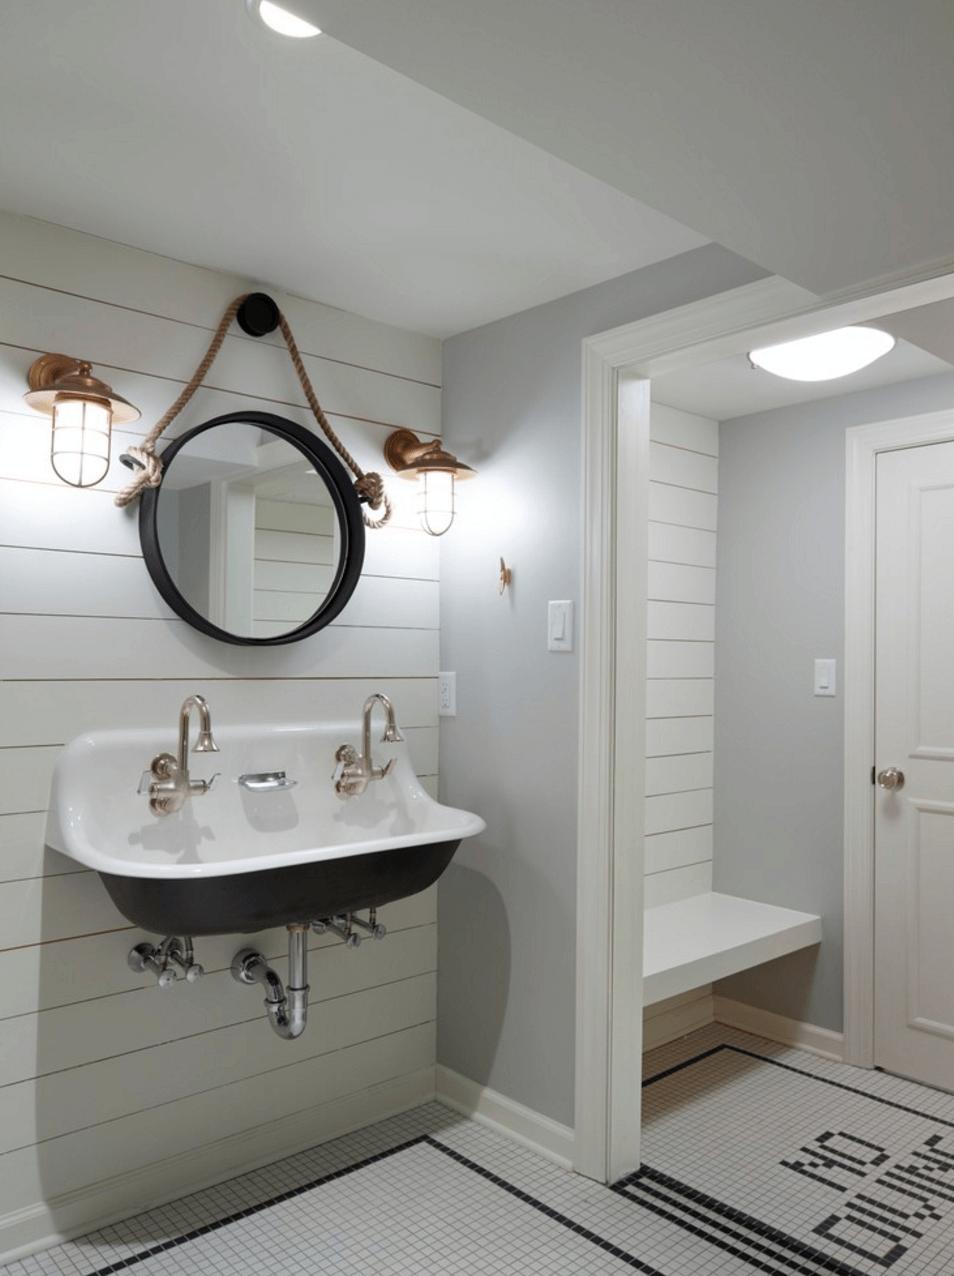 Оригинальный дизайн зеркала в интерьере ванной комнаты - Фото 11